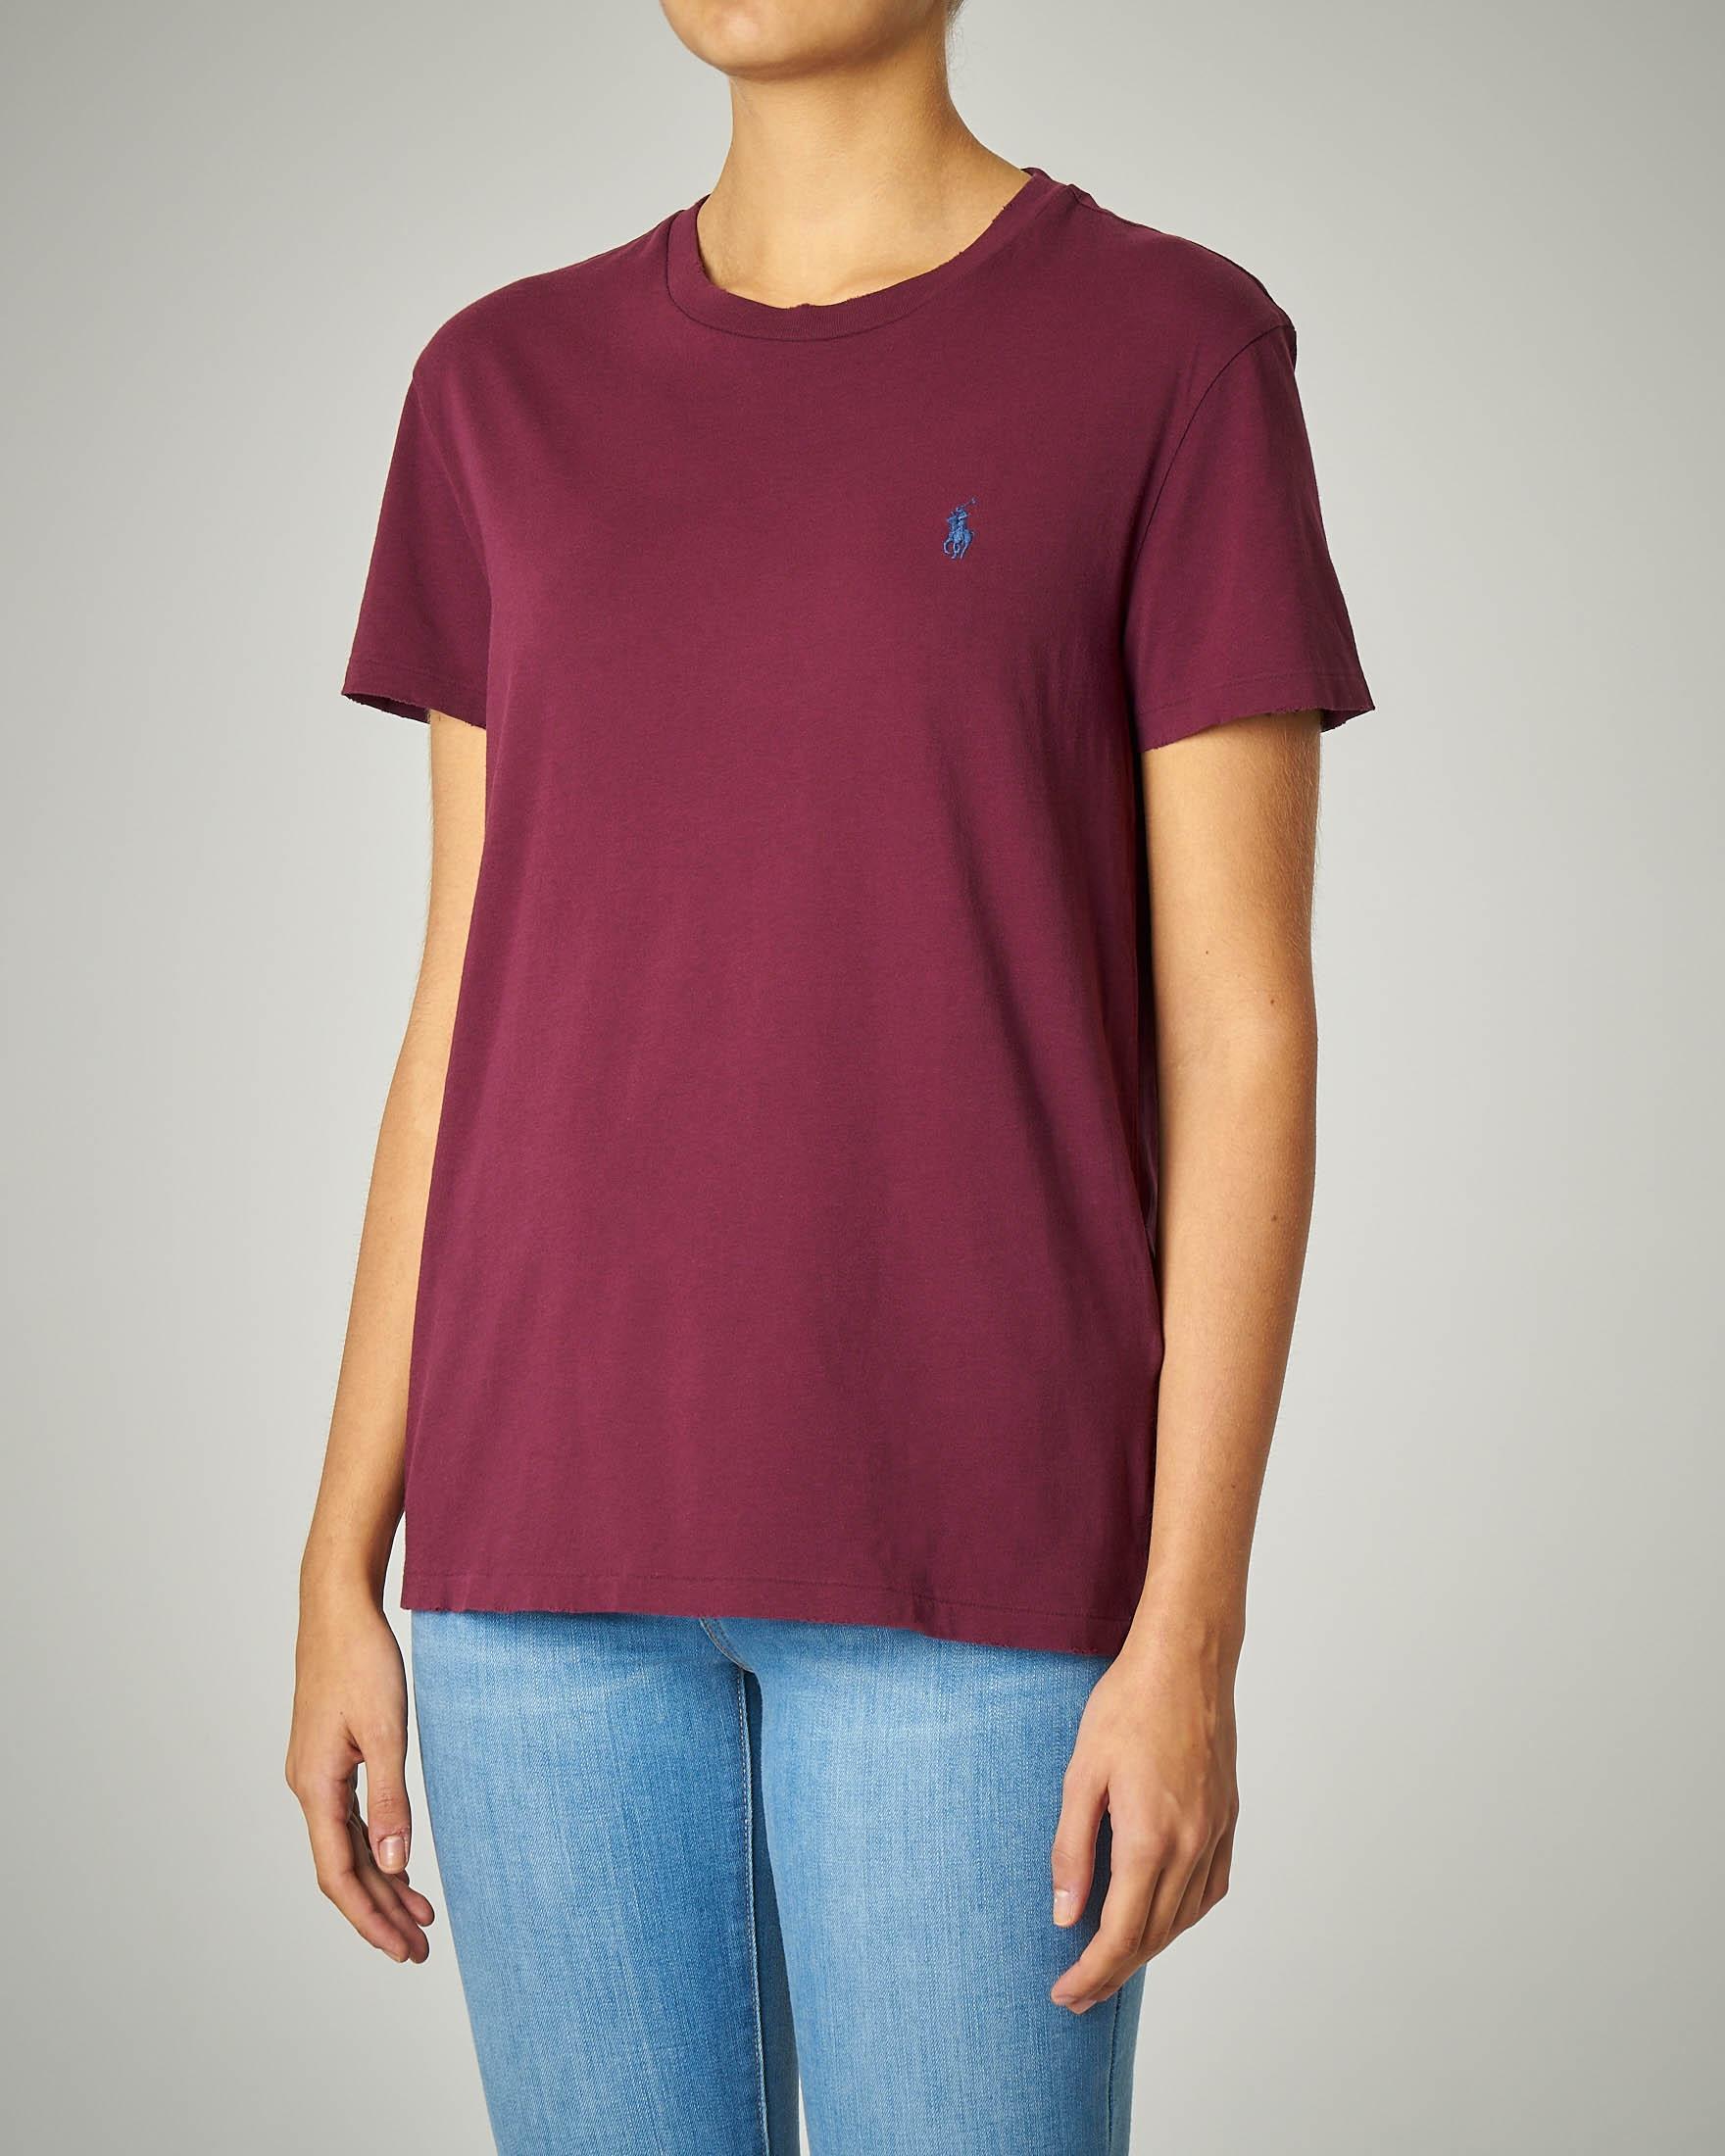 T-shirt girocollo in cotone bordeaux